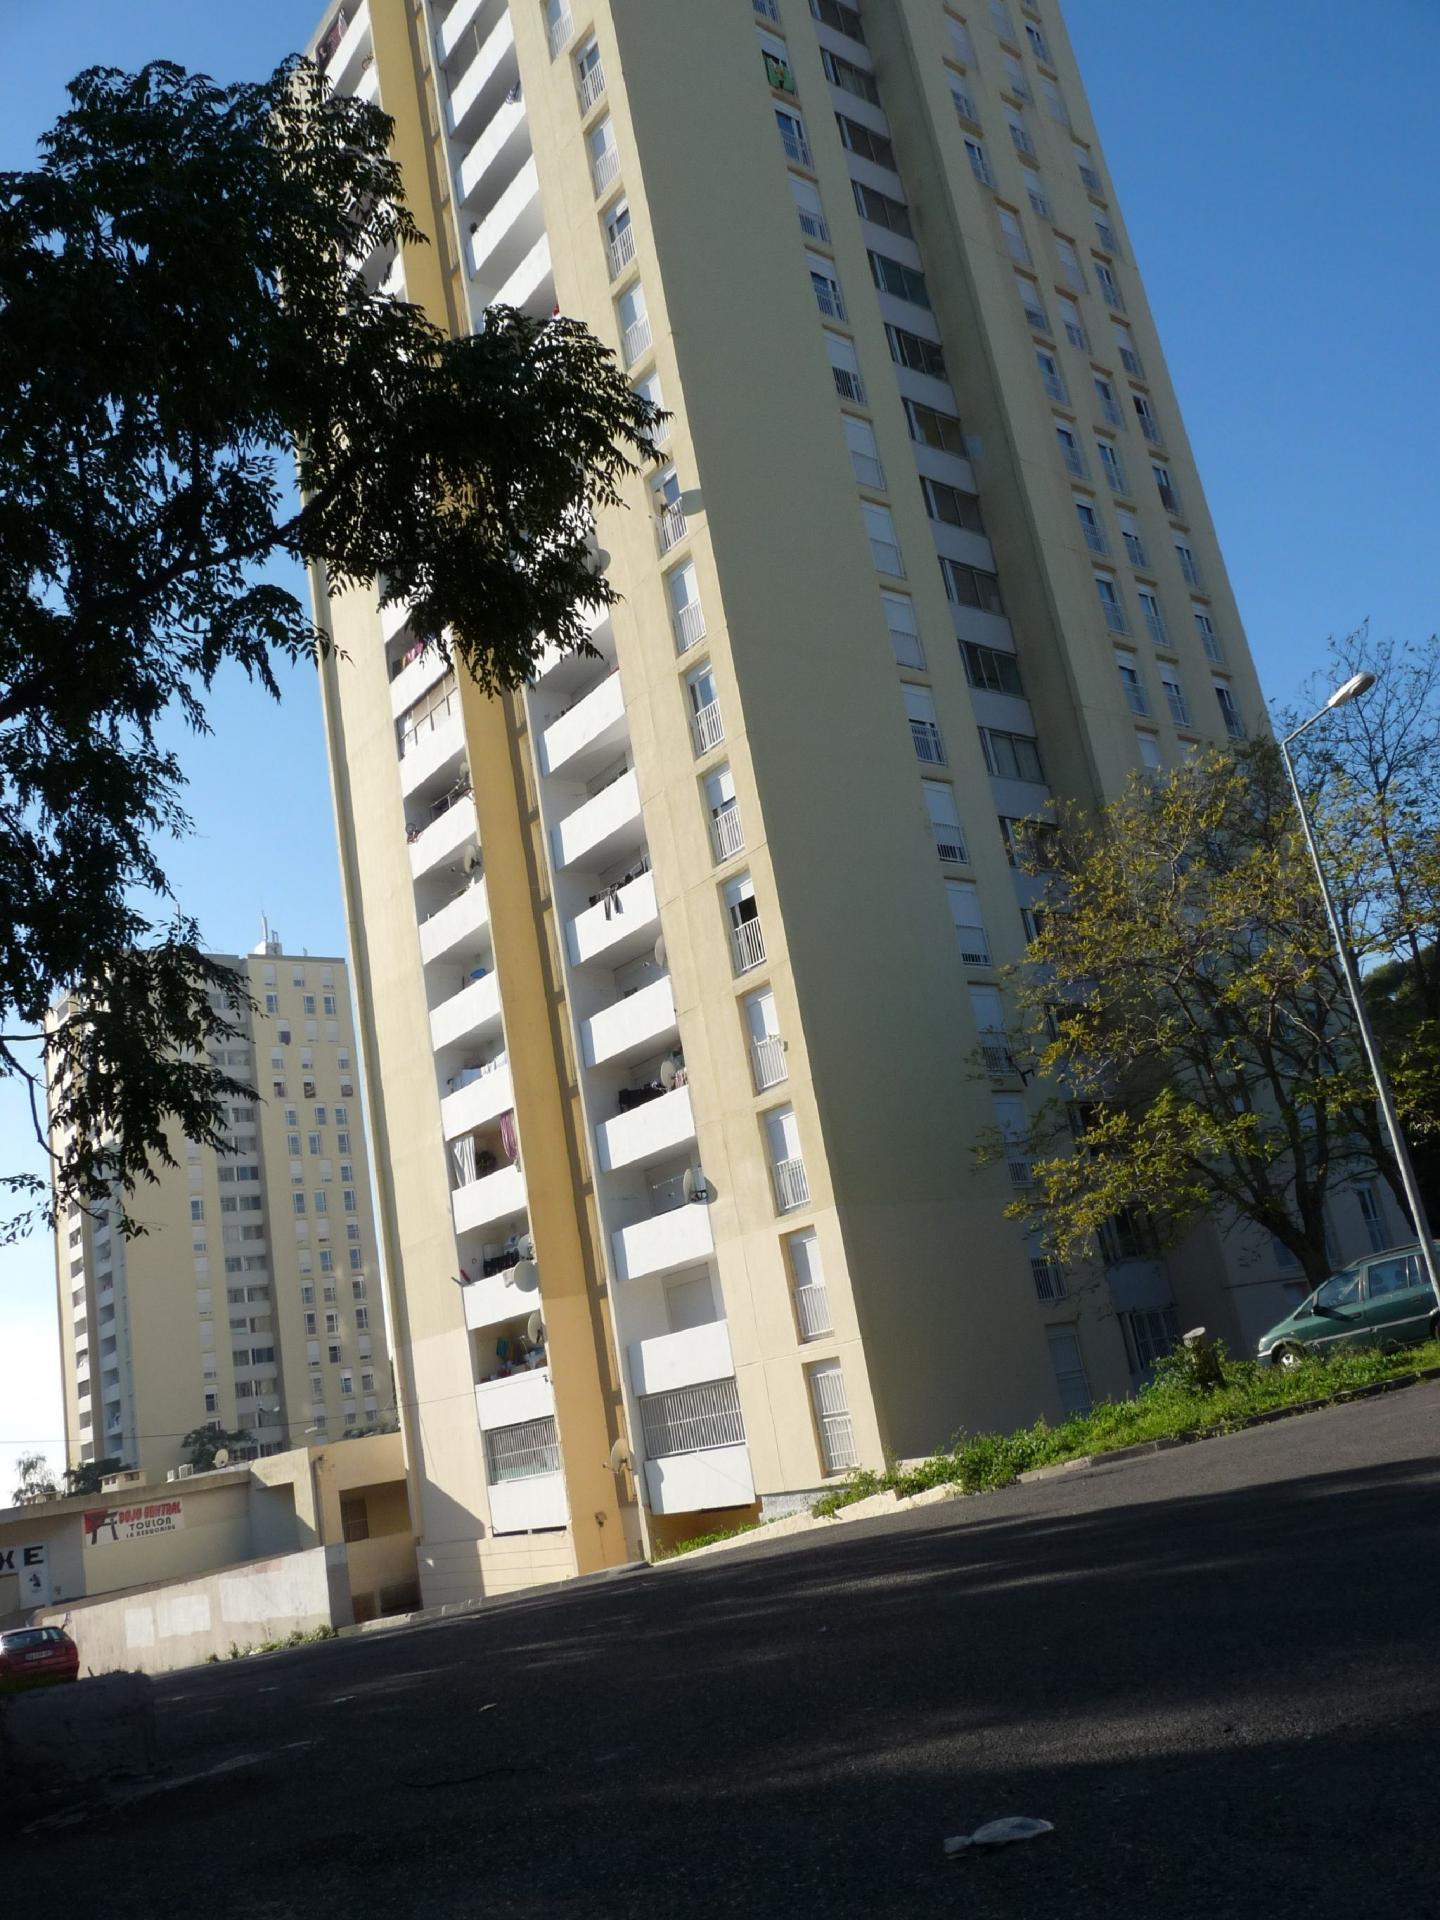 Une tour du quartier de la Beaucaire, à Toulon.